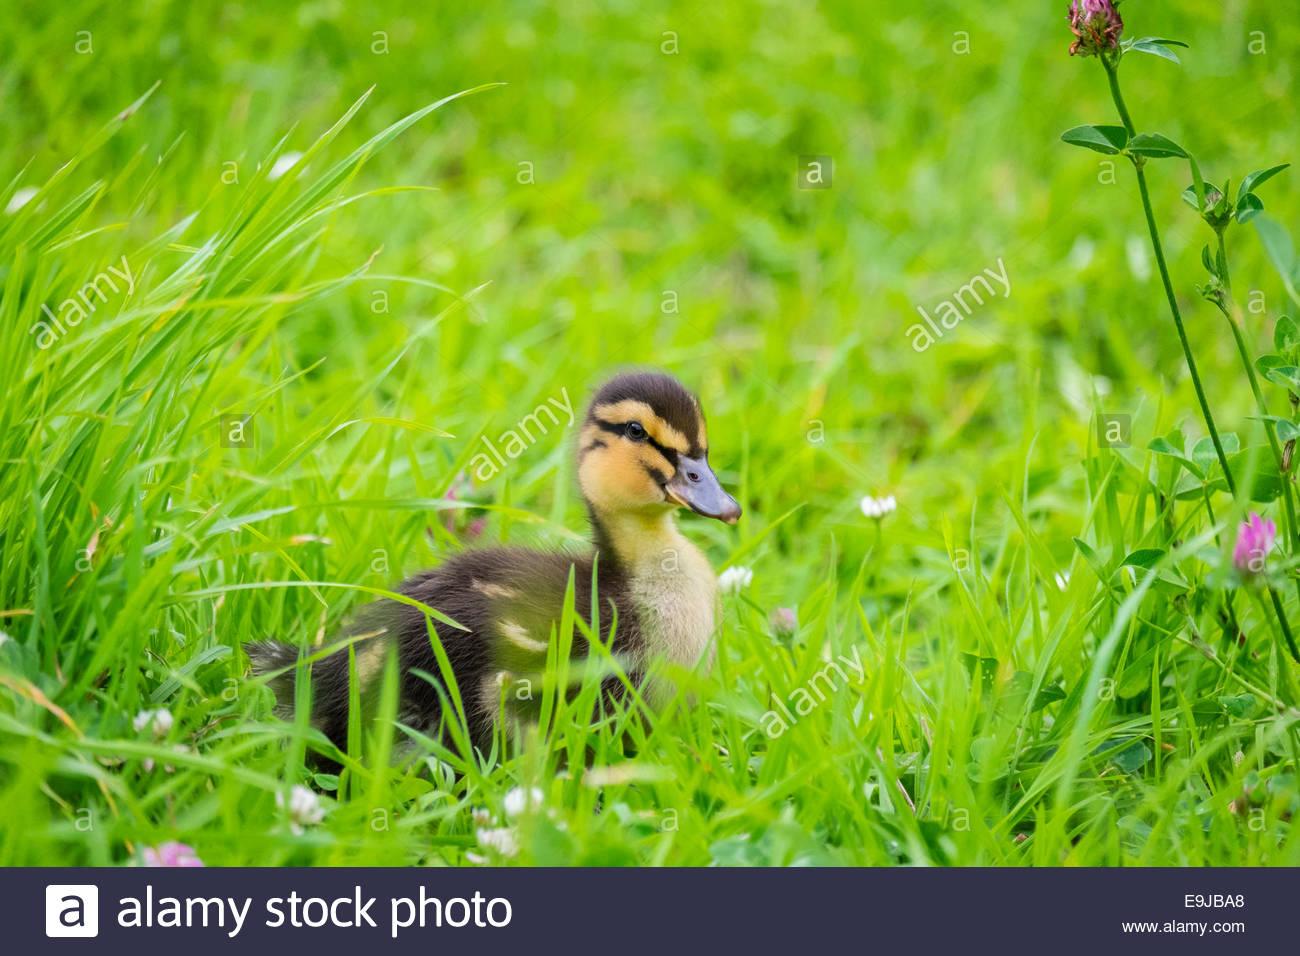 Junge baby Ente, zehn Tage alten Entlein in der Wiese, La Creuse, Limousin, Frankreich Stockbild